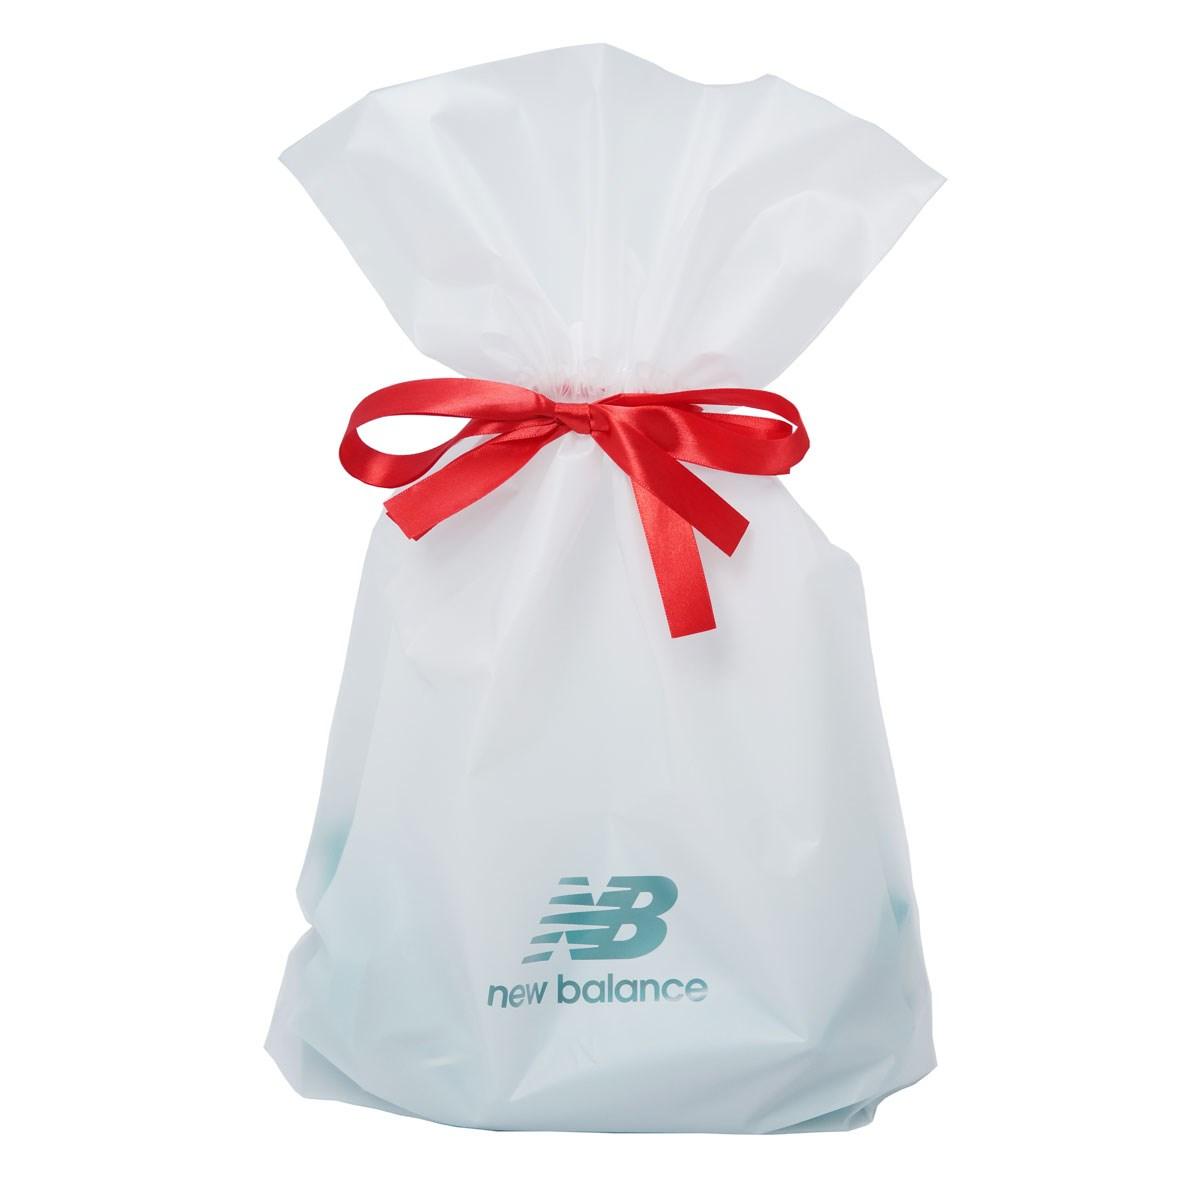 ニューバランス ギフト袋 Lサイズ